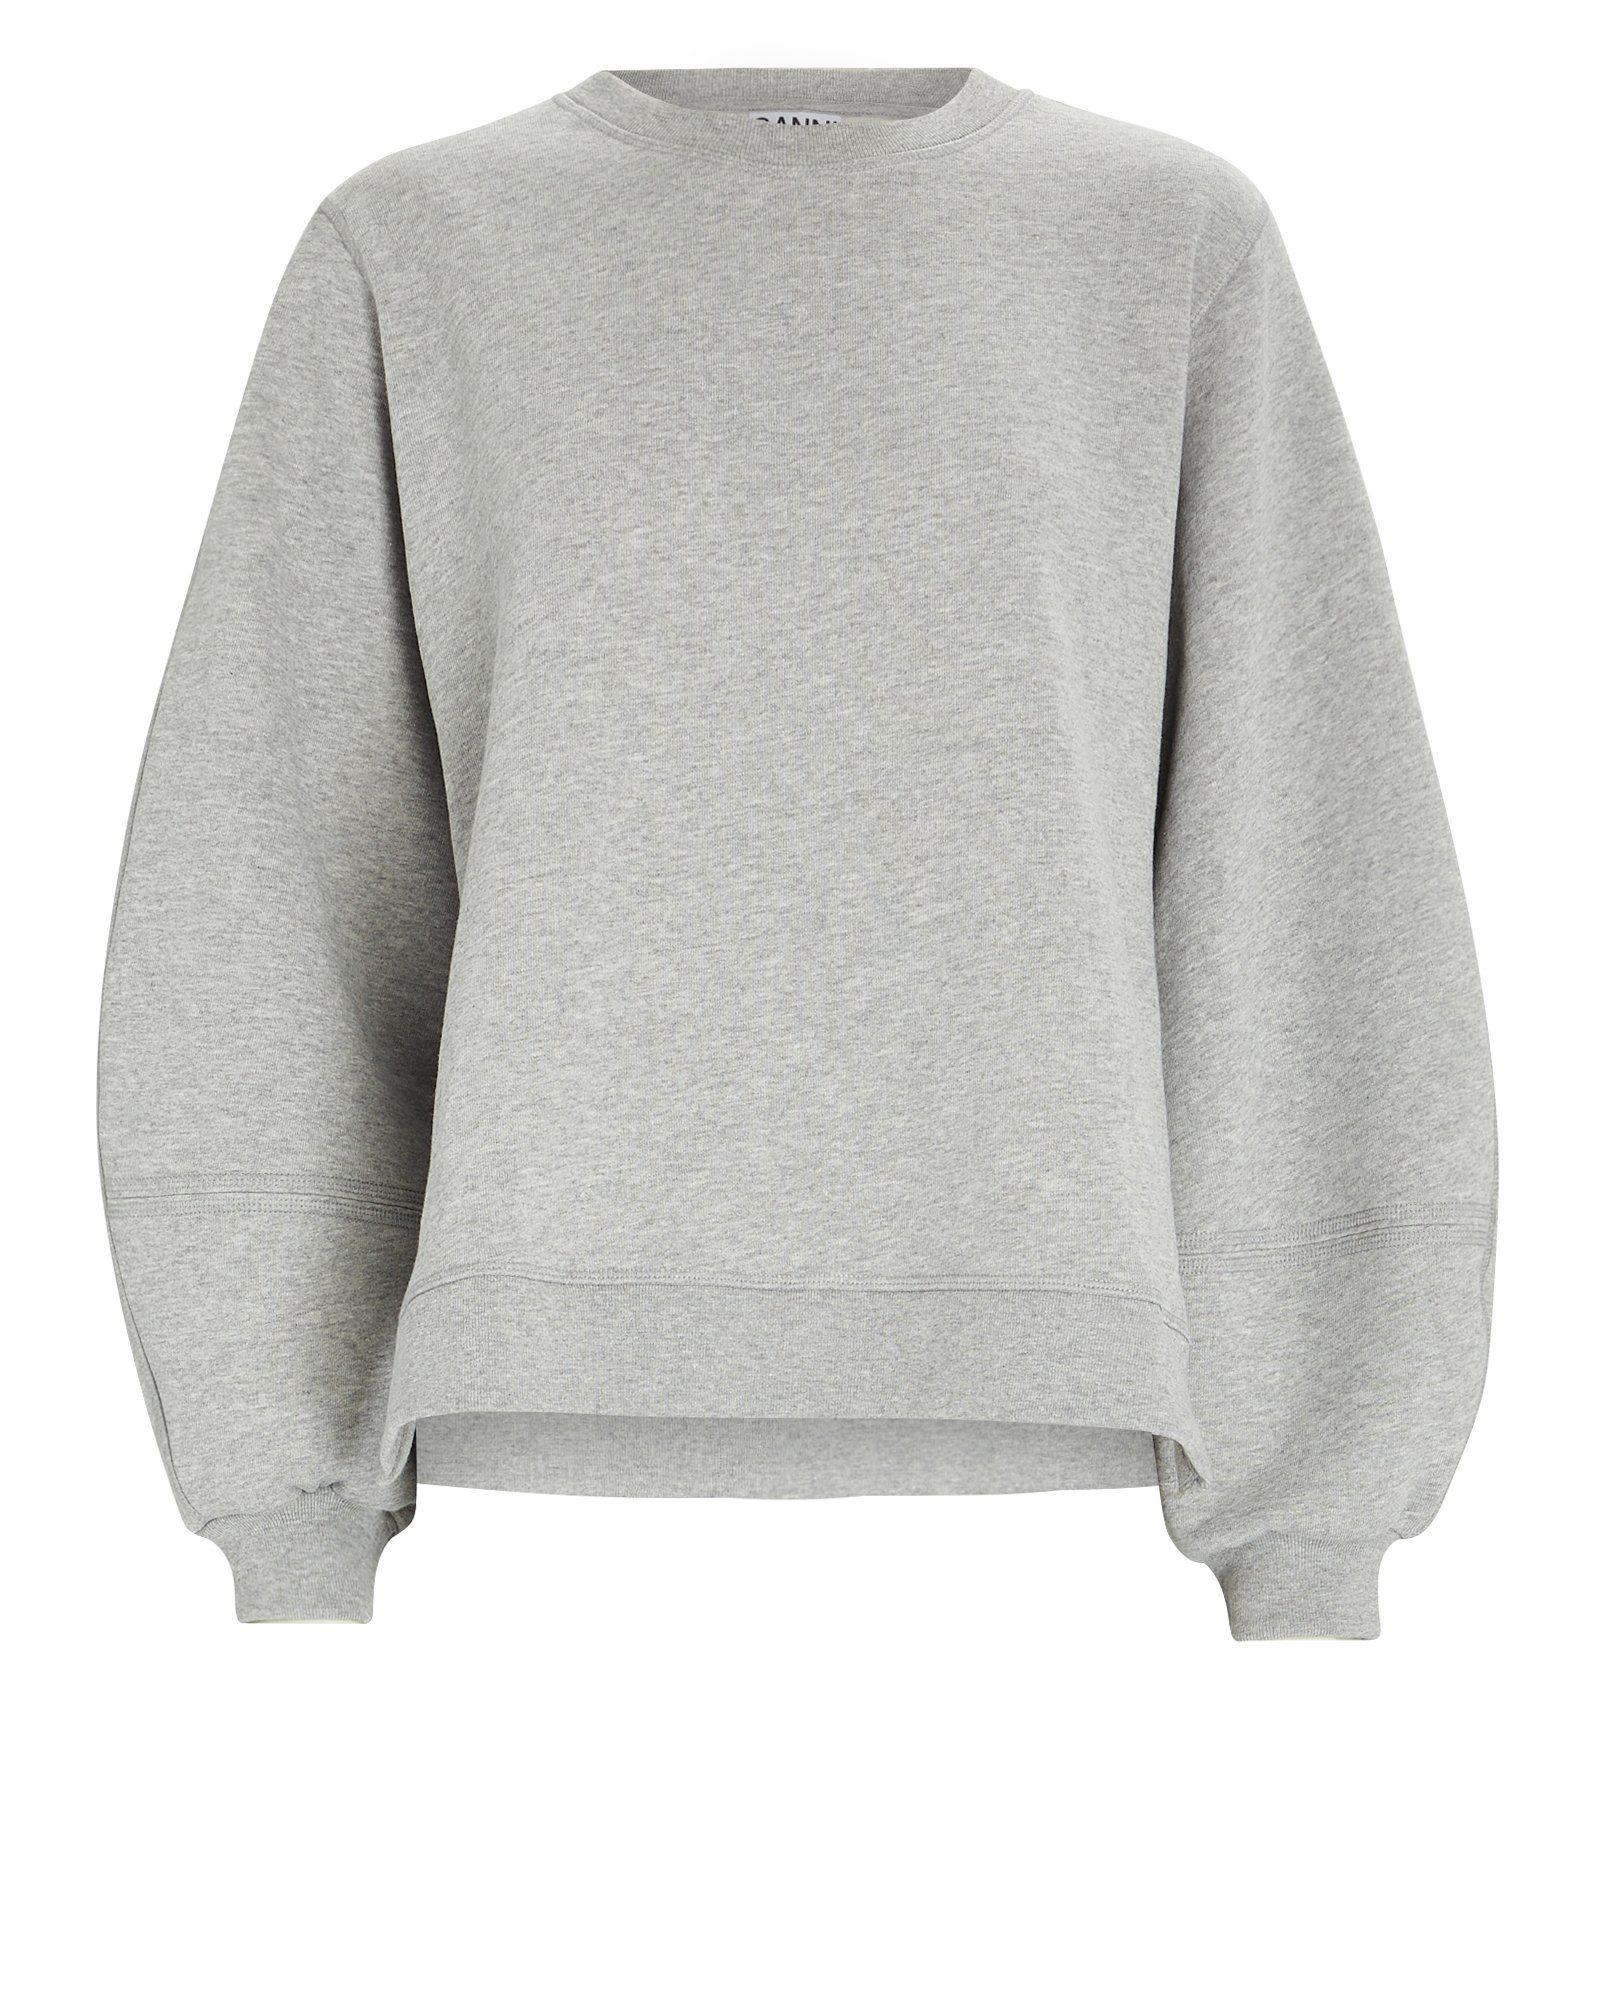 Software Isoli Crewneck Sweatshirt In 2021 Crew Neck Sweatshirt Sweatshirts Designer Sweatshirts [ 2000 x 1600 Pixel ]